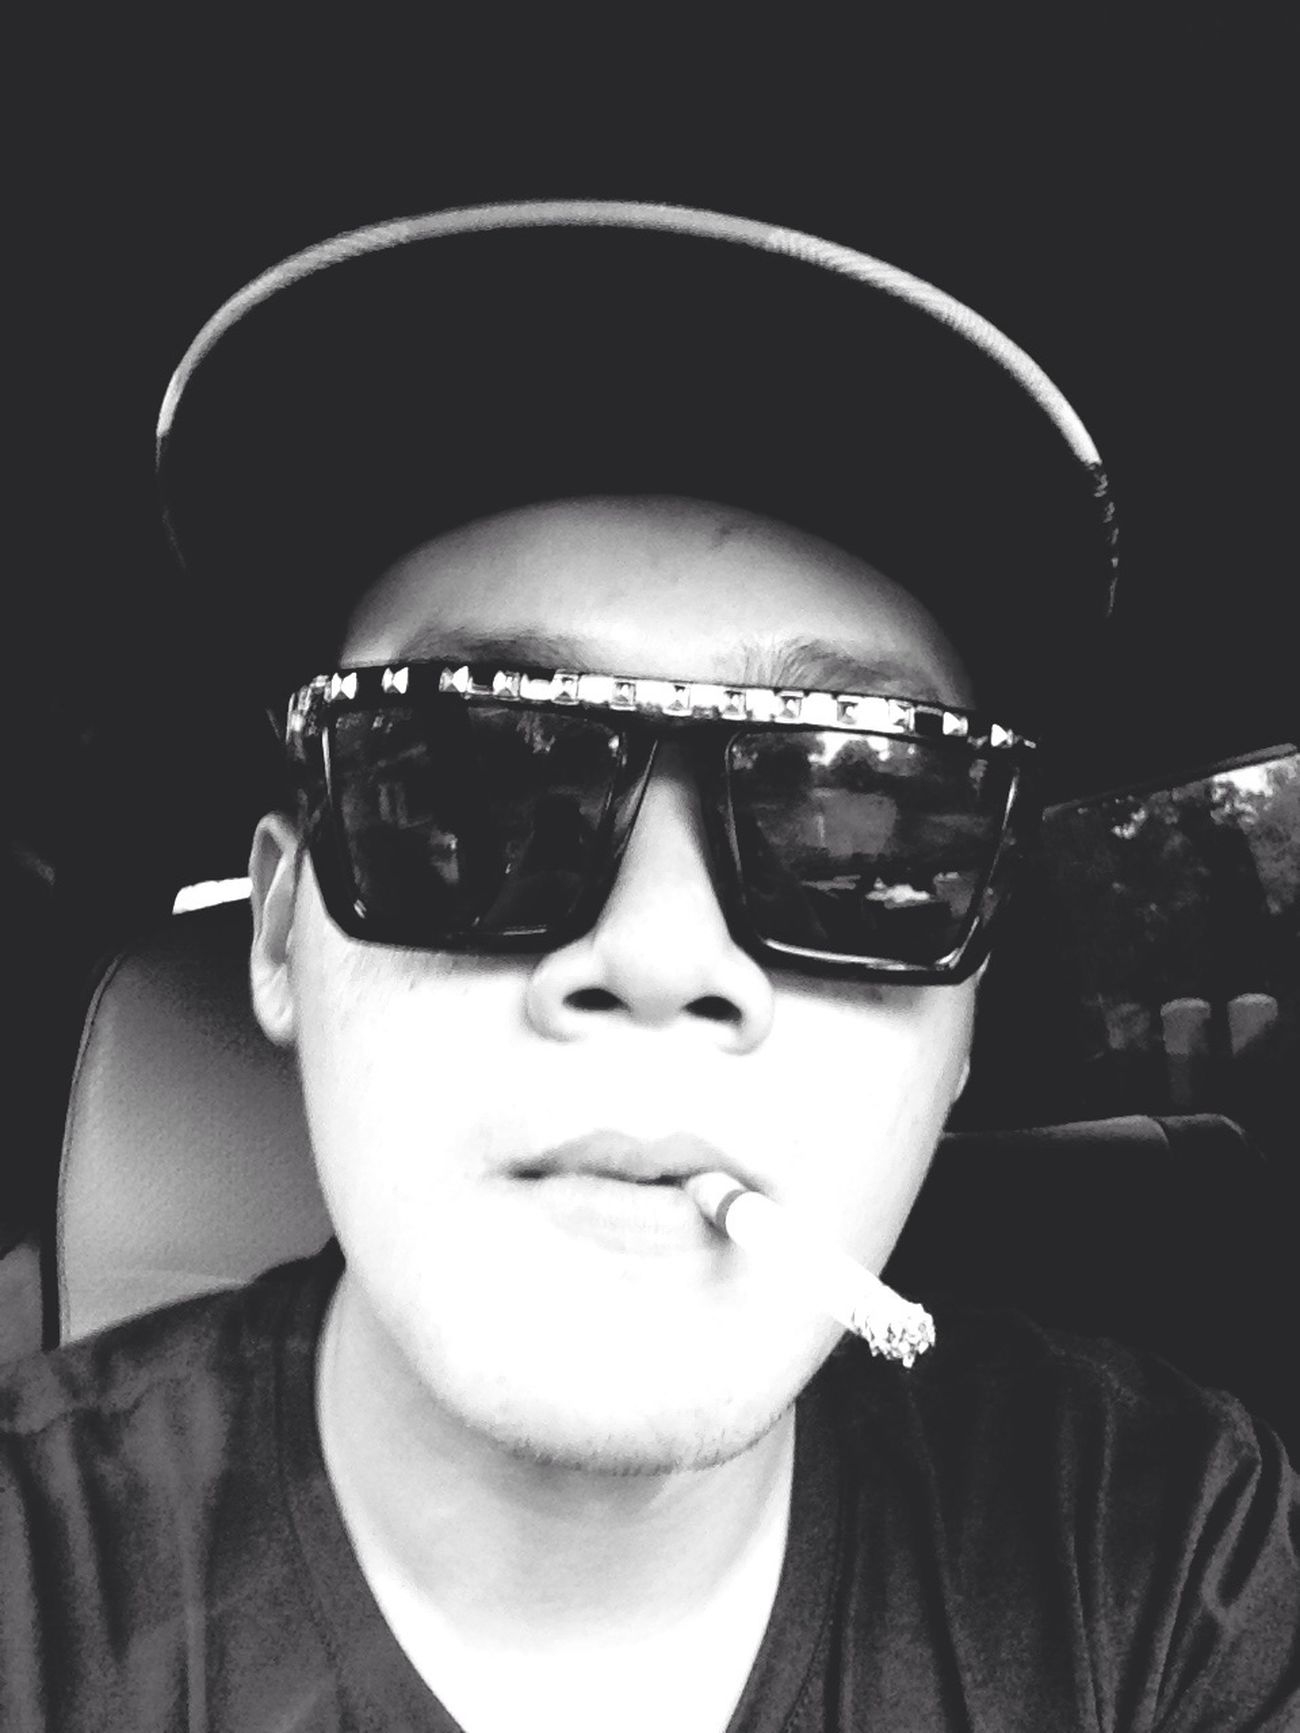 Ripcurl oufoung carporn lifestyle black and white cigarete